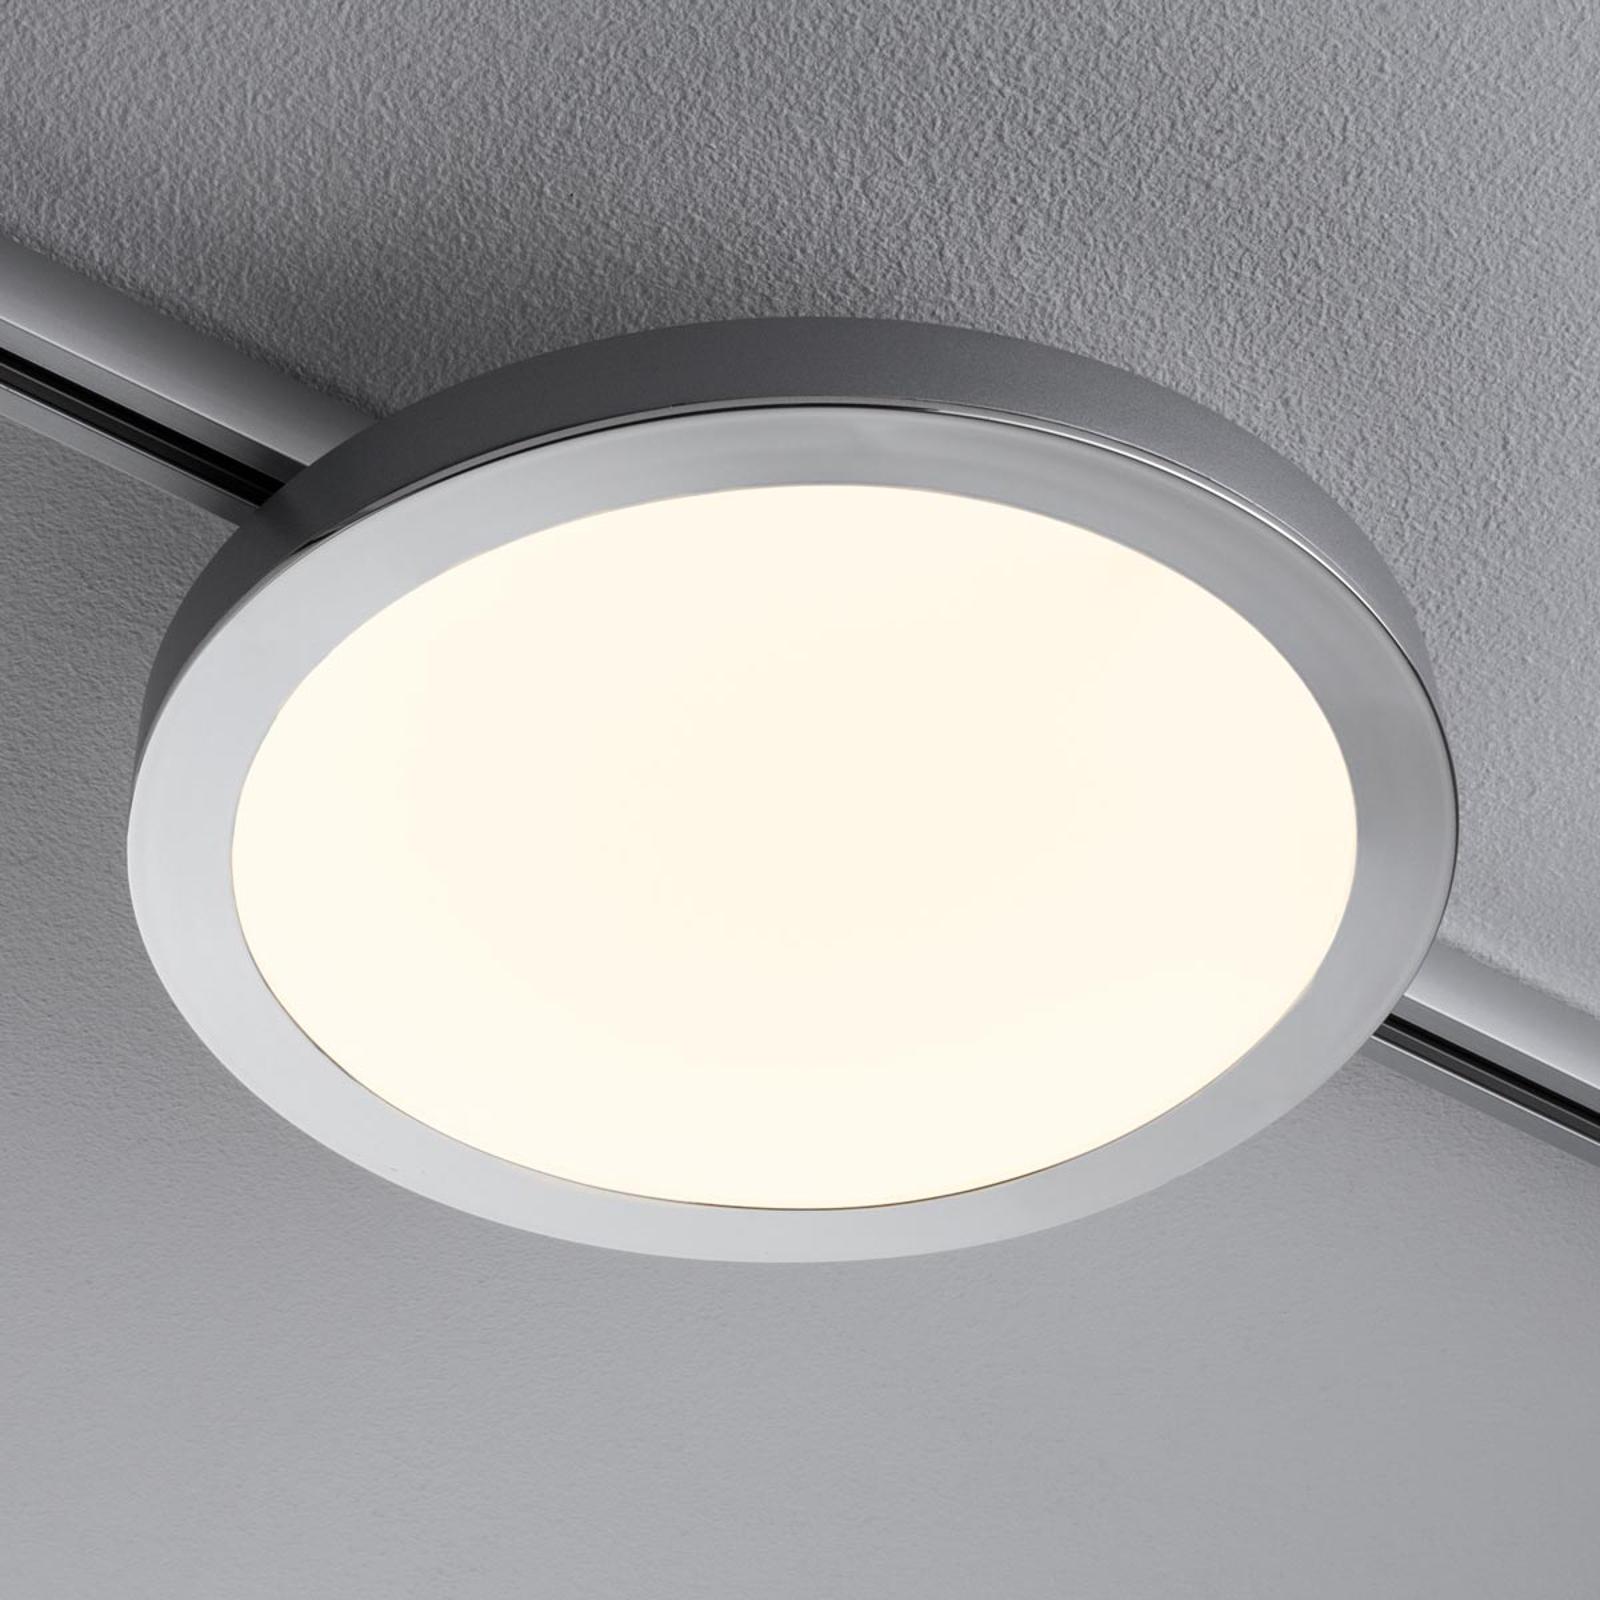 Paulmann URail Spin LED-panel i matt krom